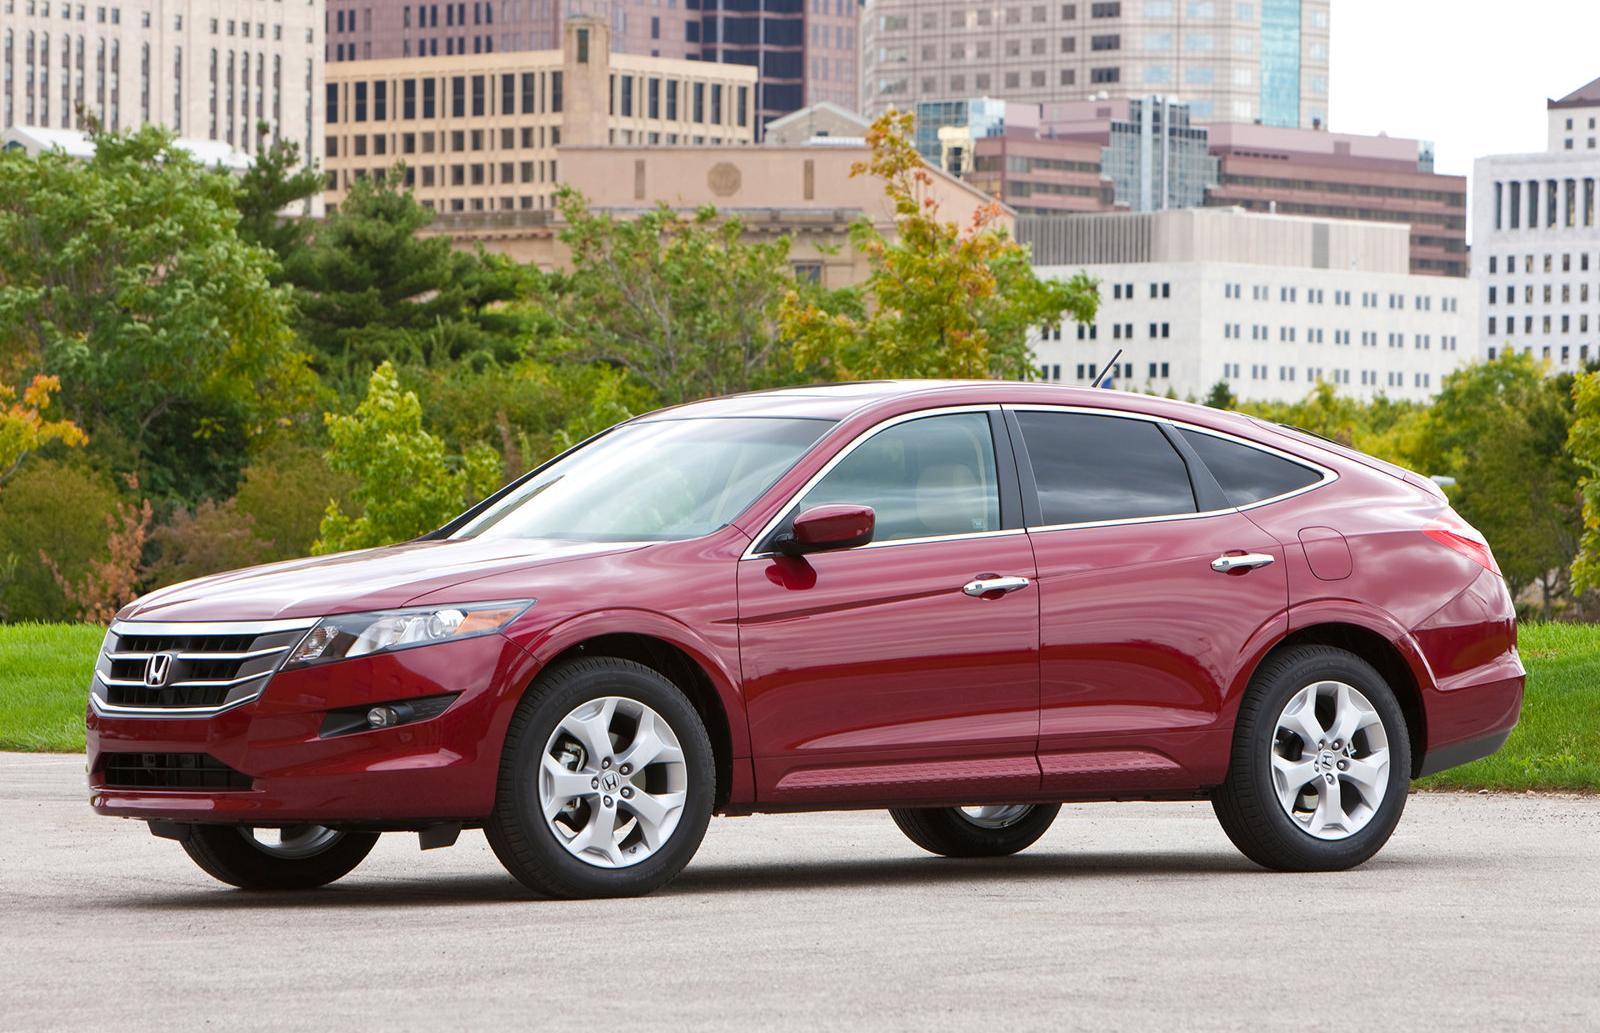 ВТБ запускает кредитование Honda по ставкам от 0,1% годовых - новости Афанасий